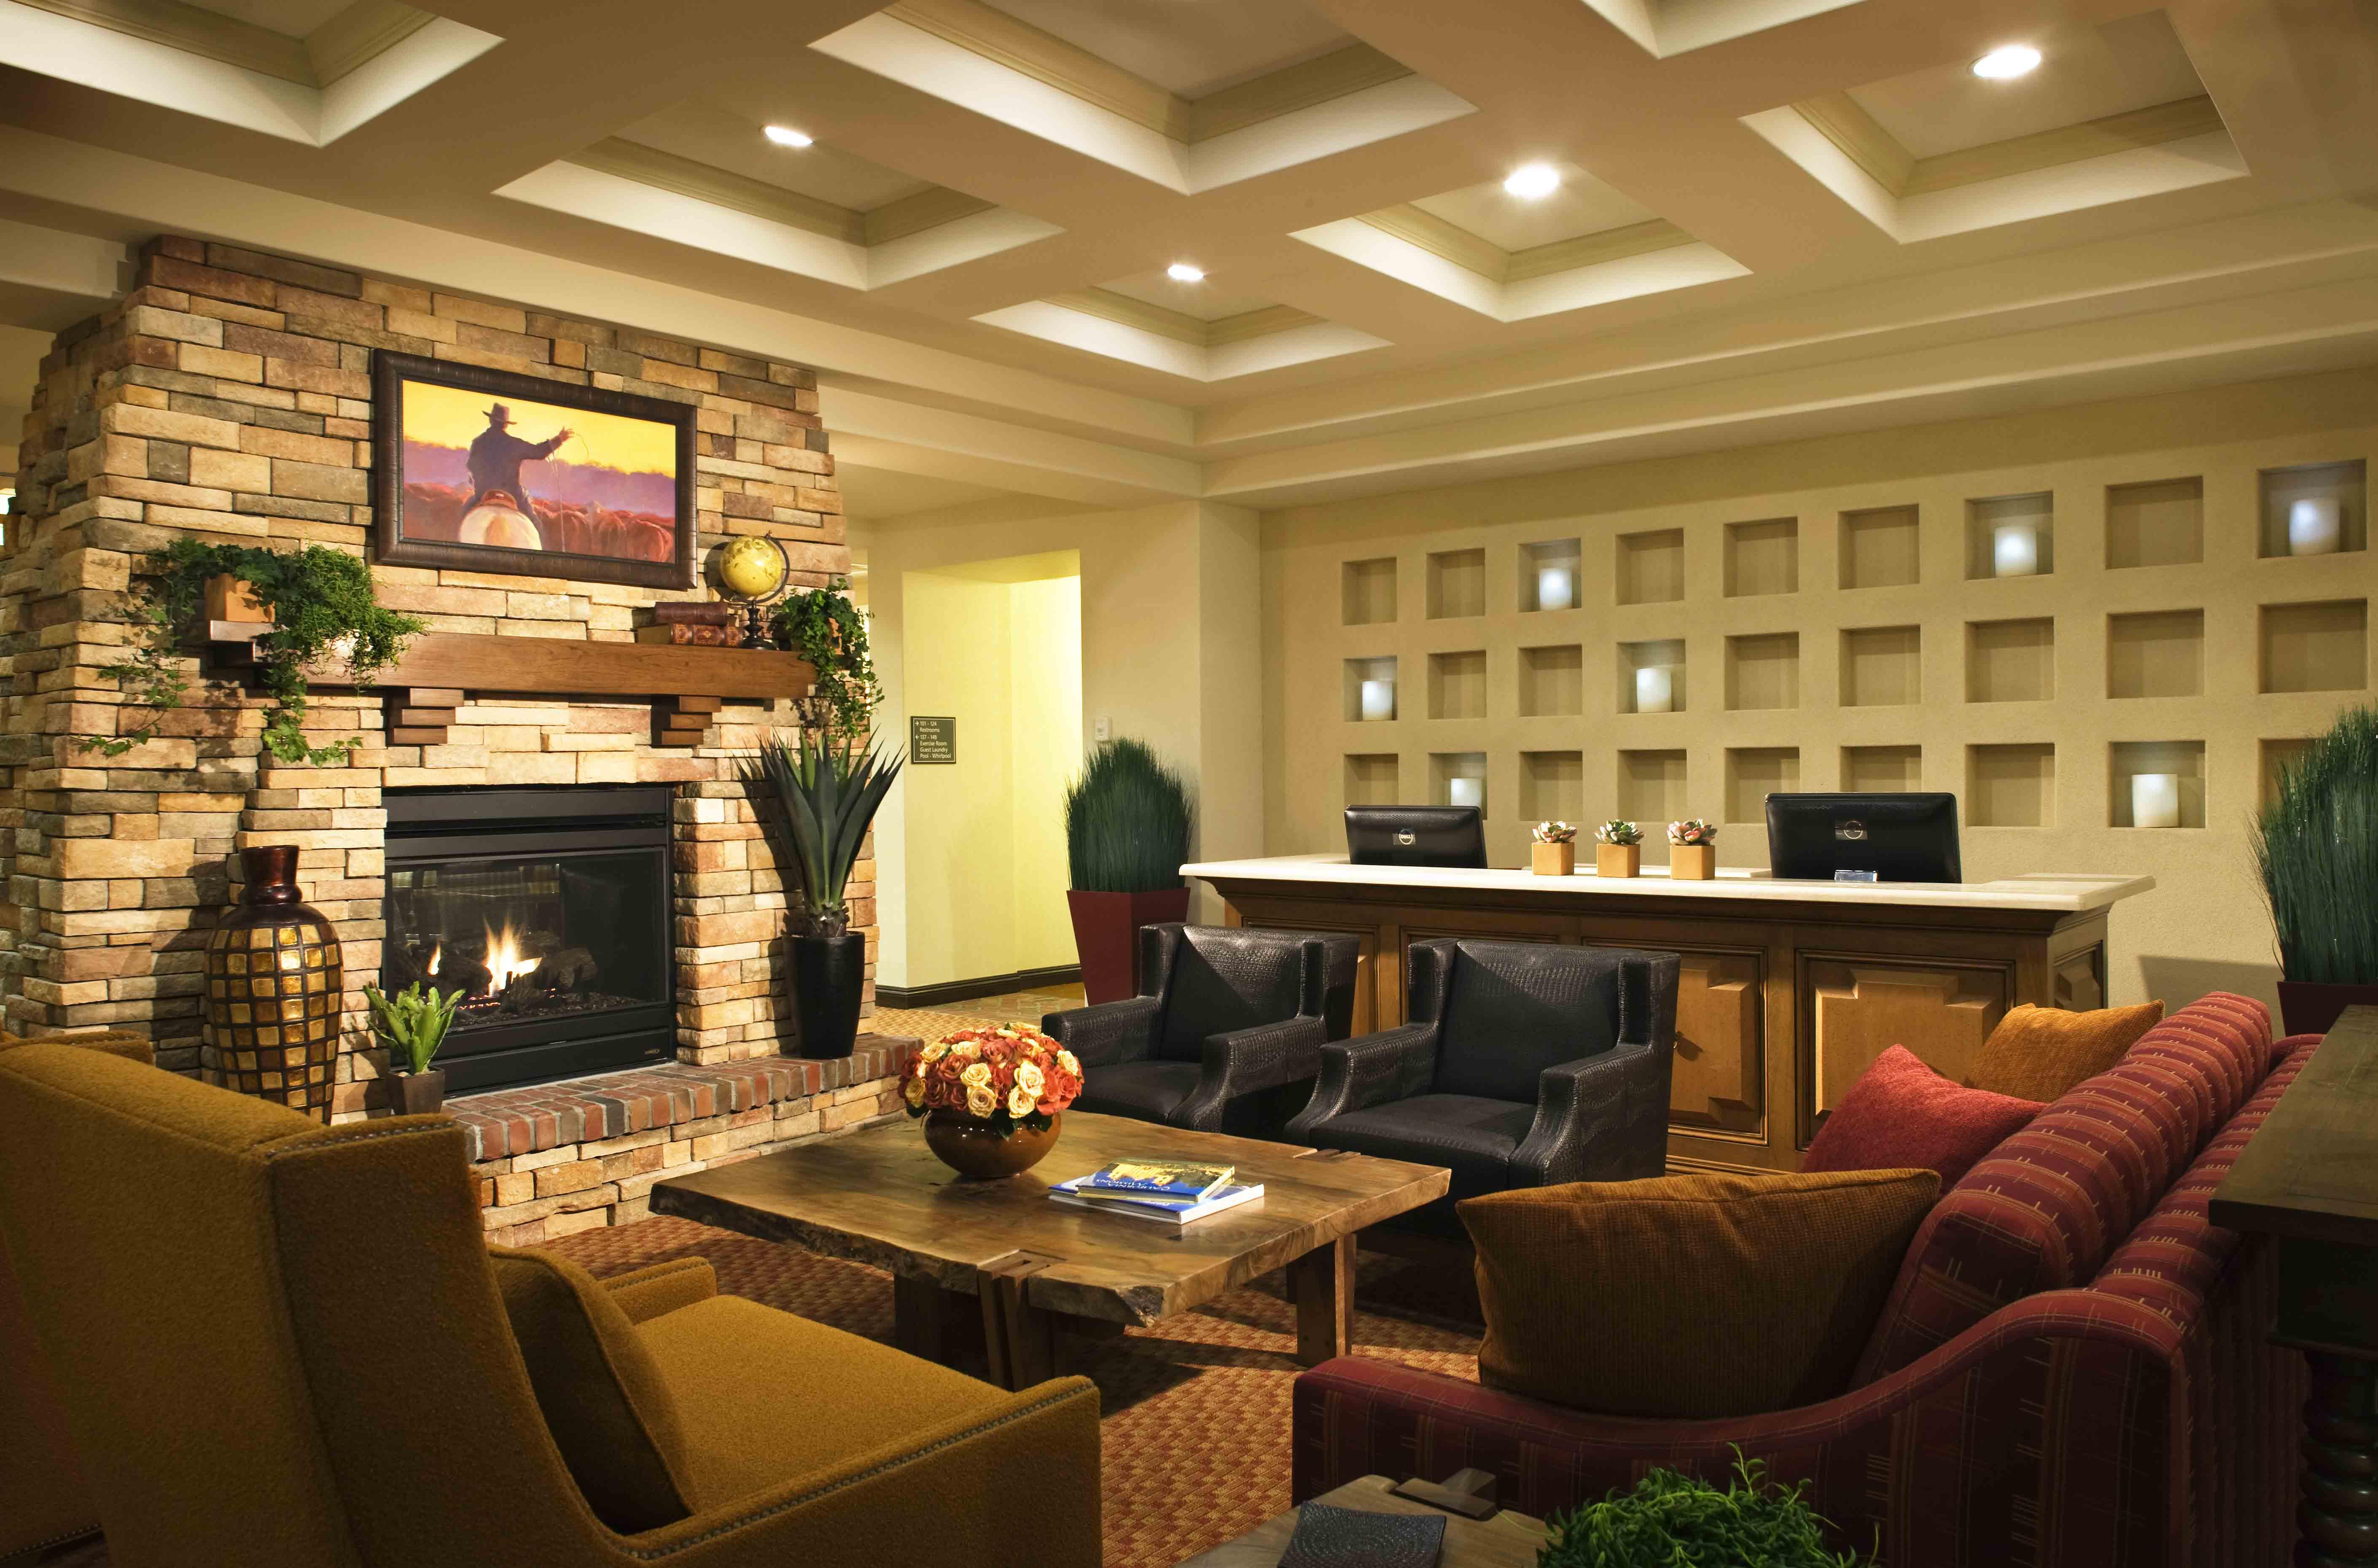 RD Olson Development Opens Residence Inn by Marriott in